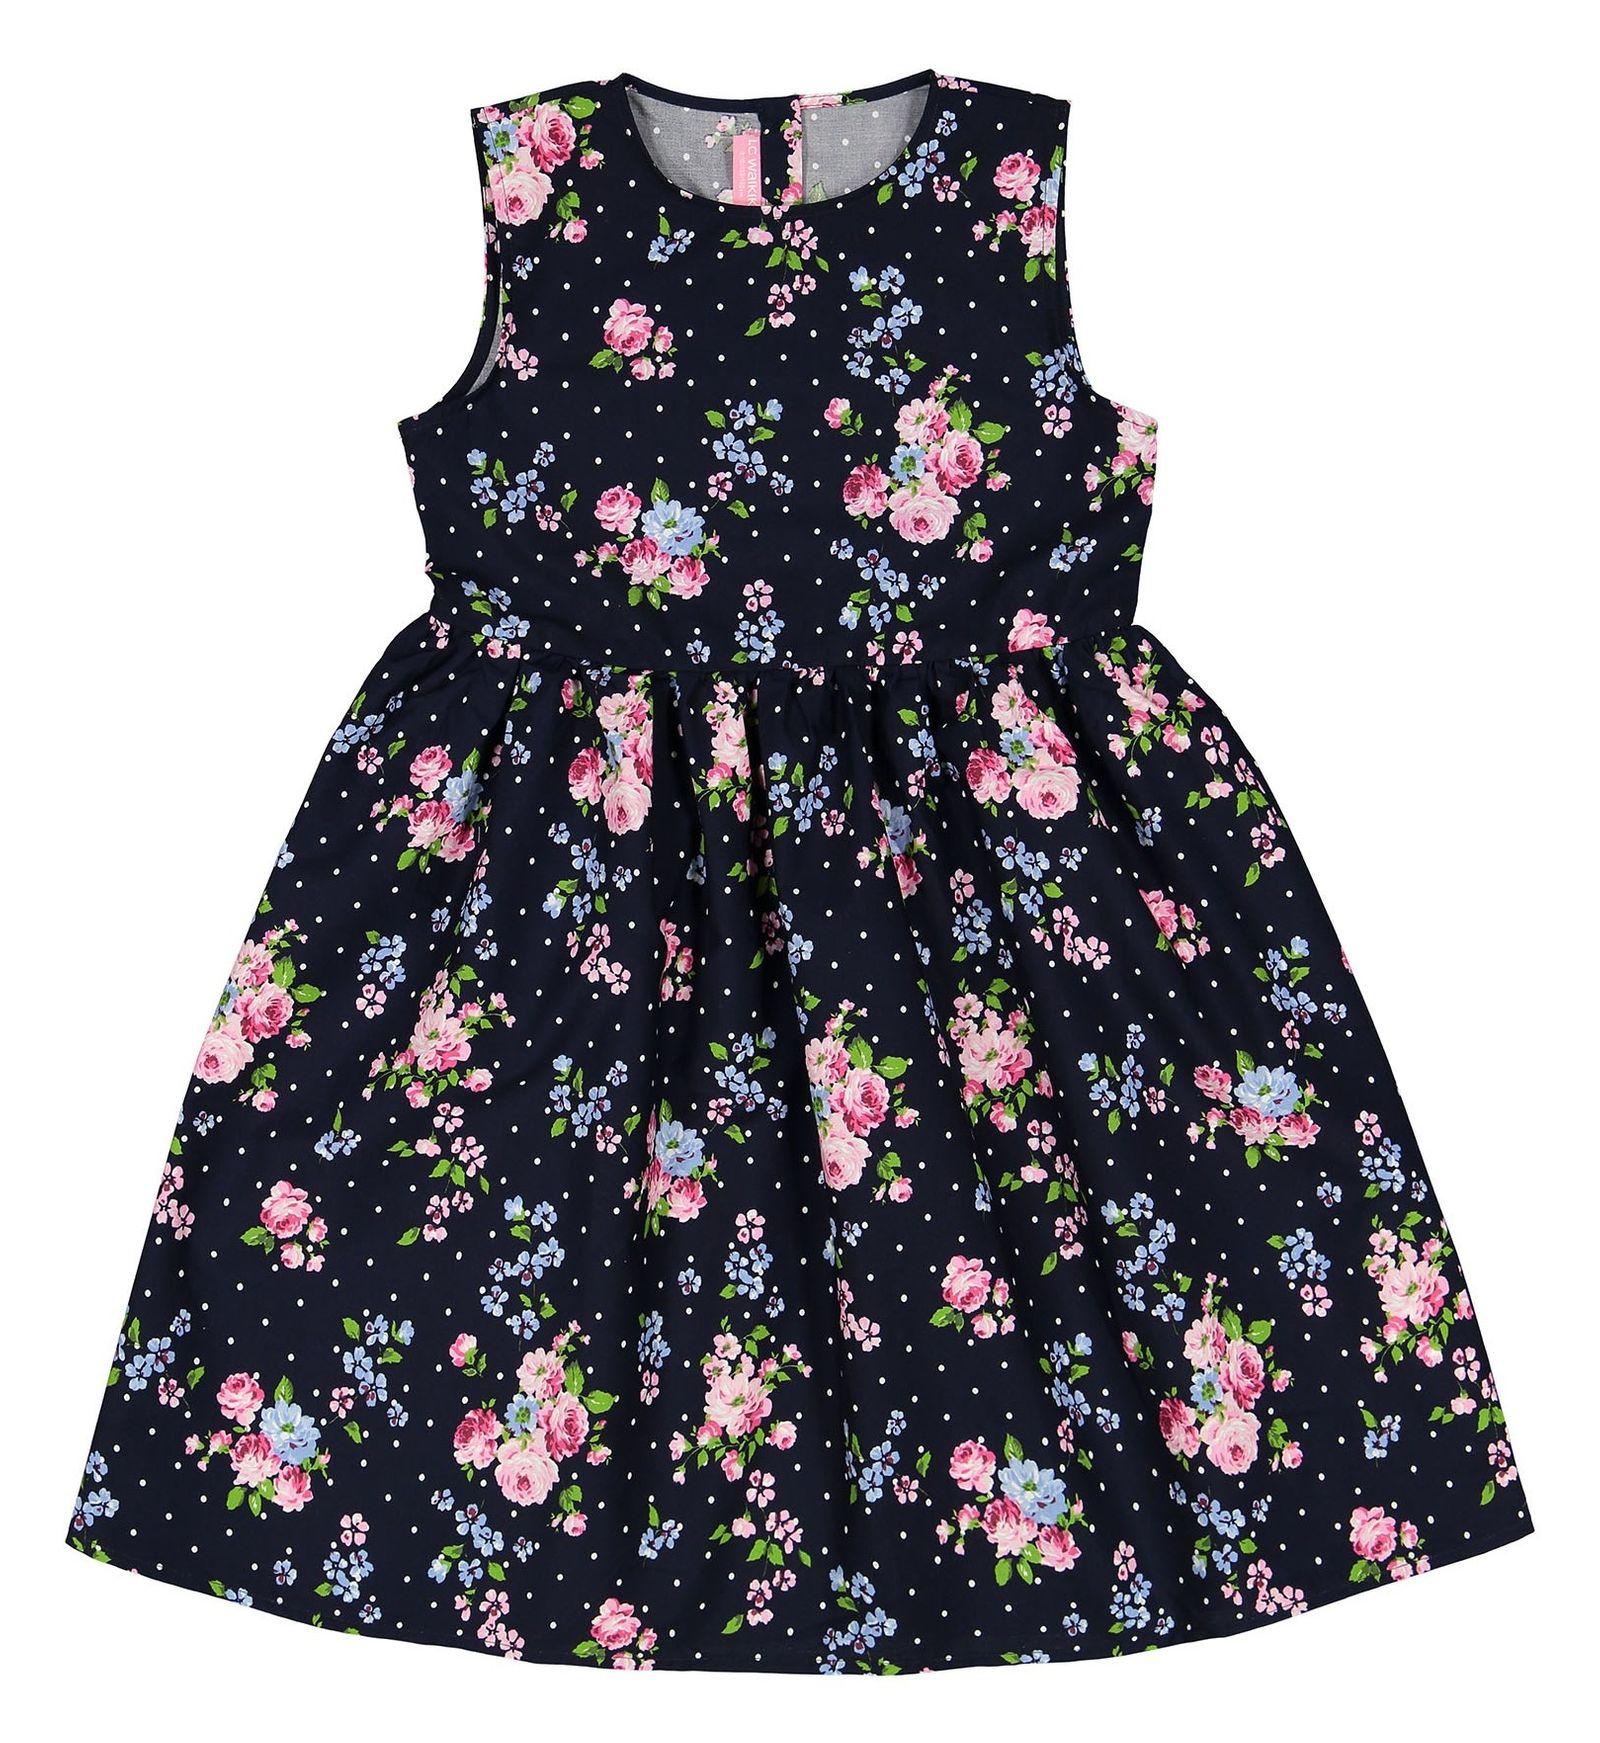 پیراهن نخی میدی دخترانه - ال سی وایکیکی - سرمه اي گلدار - 1